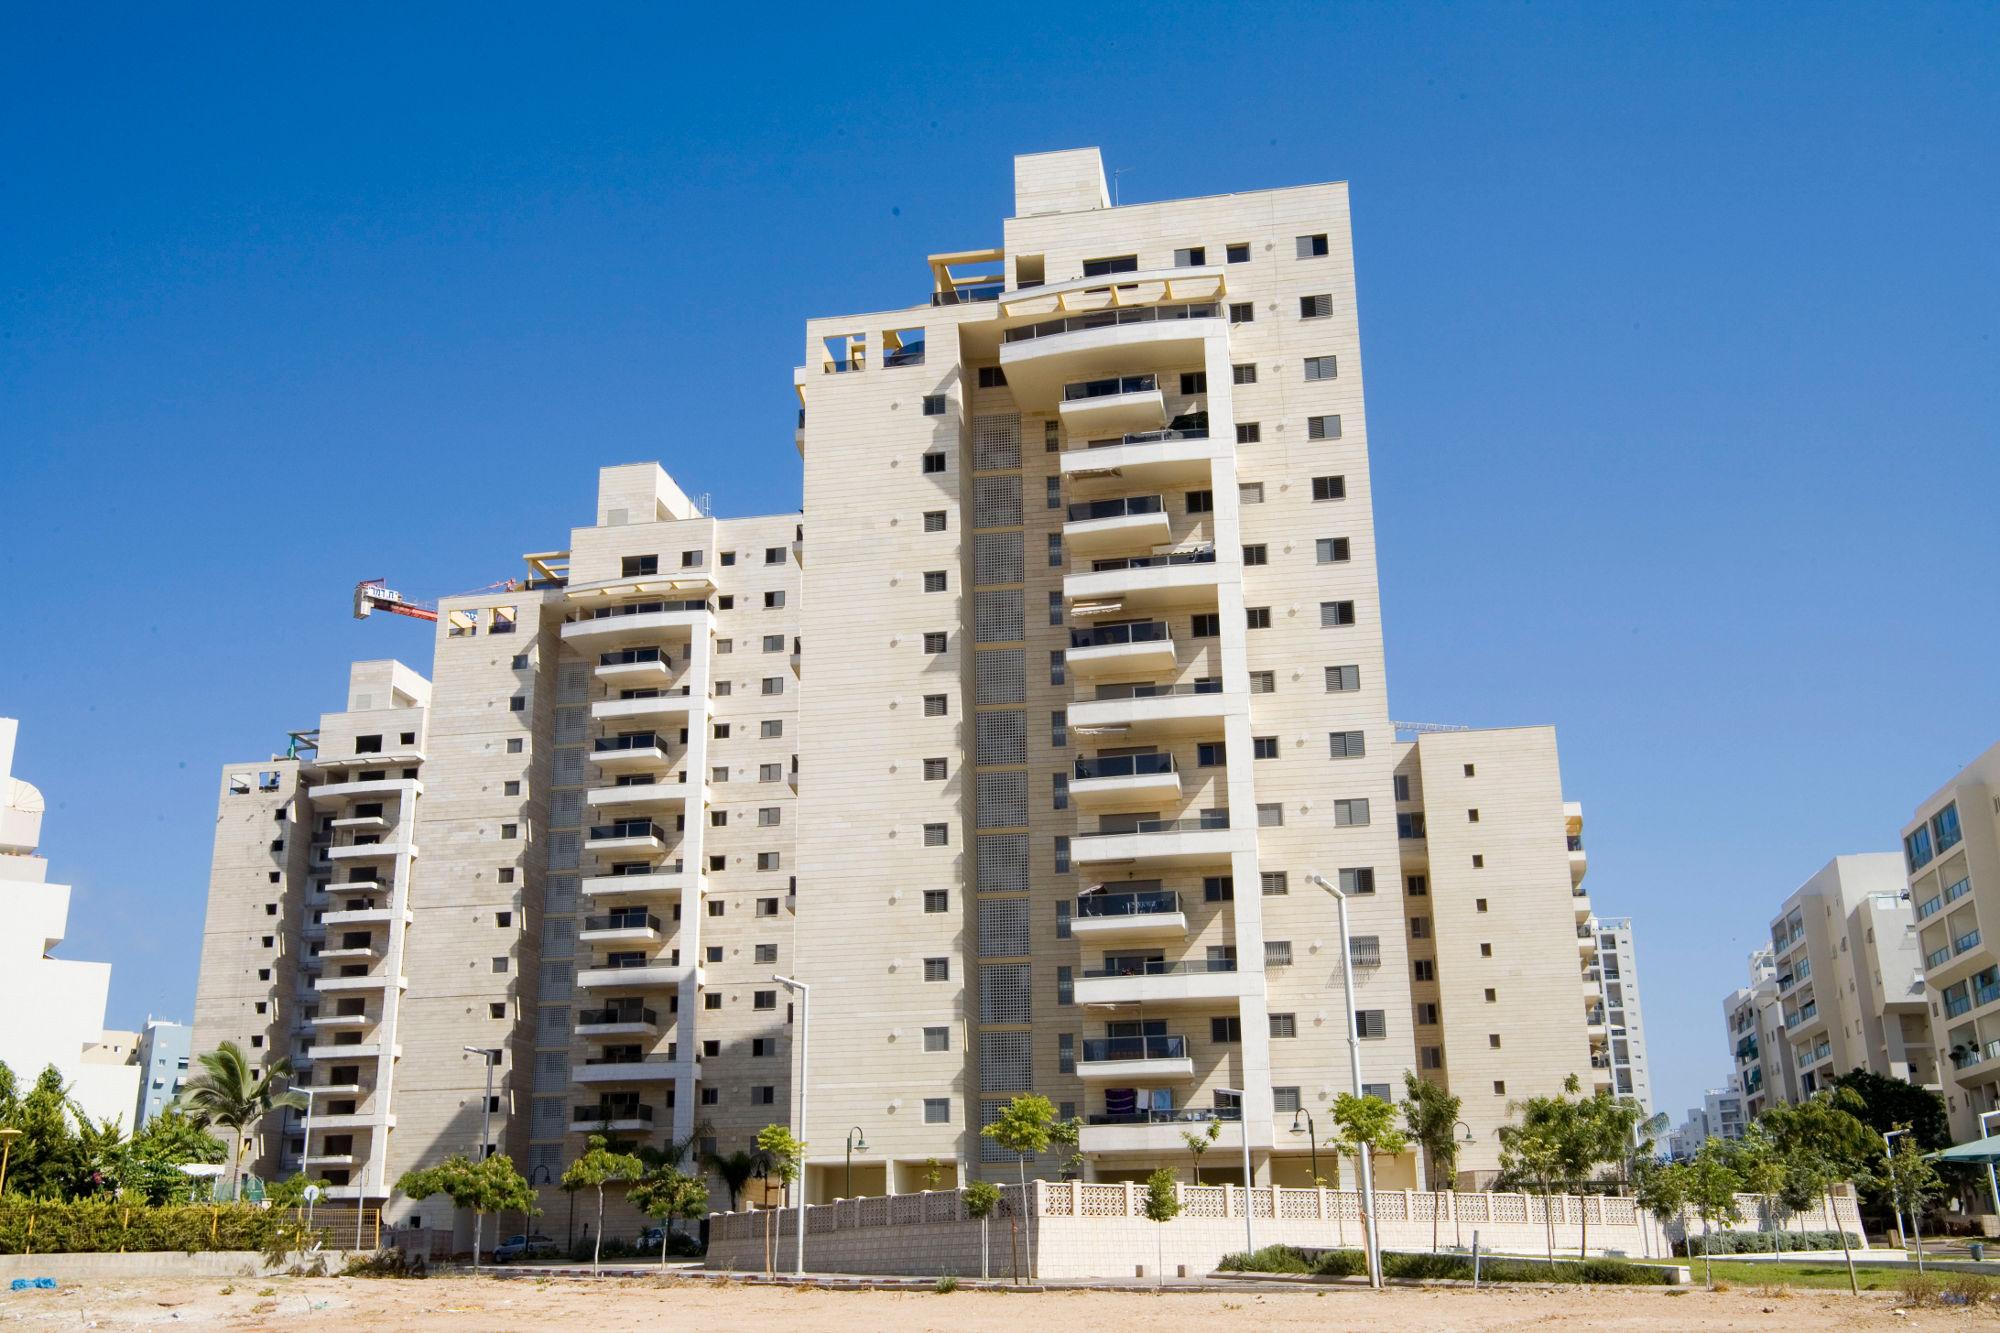 גארד סיטי אשדוד - דירות חדשות מקבלן